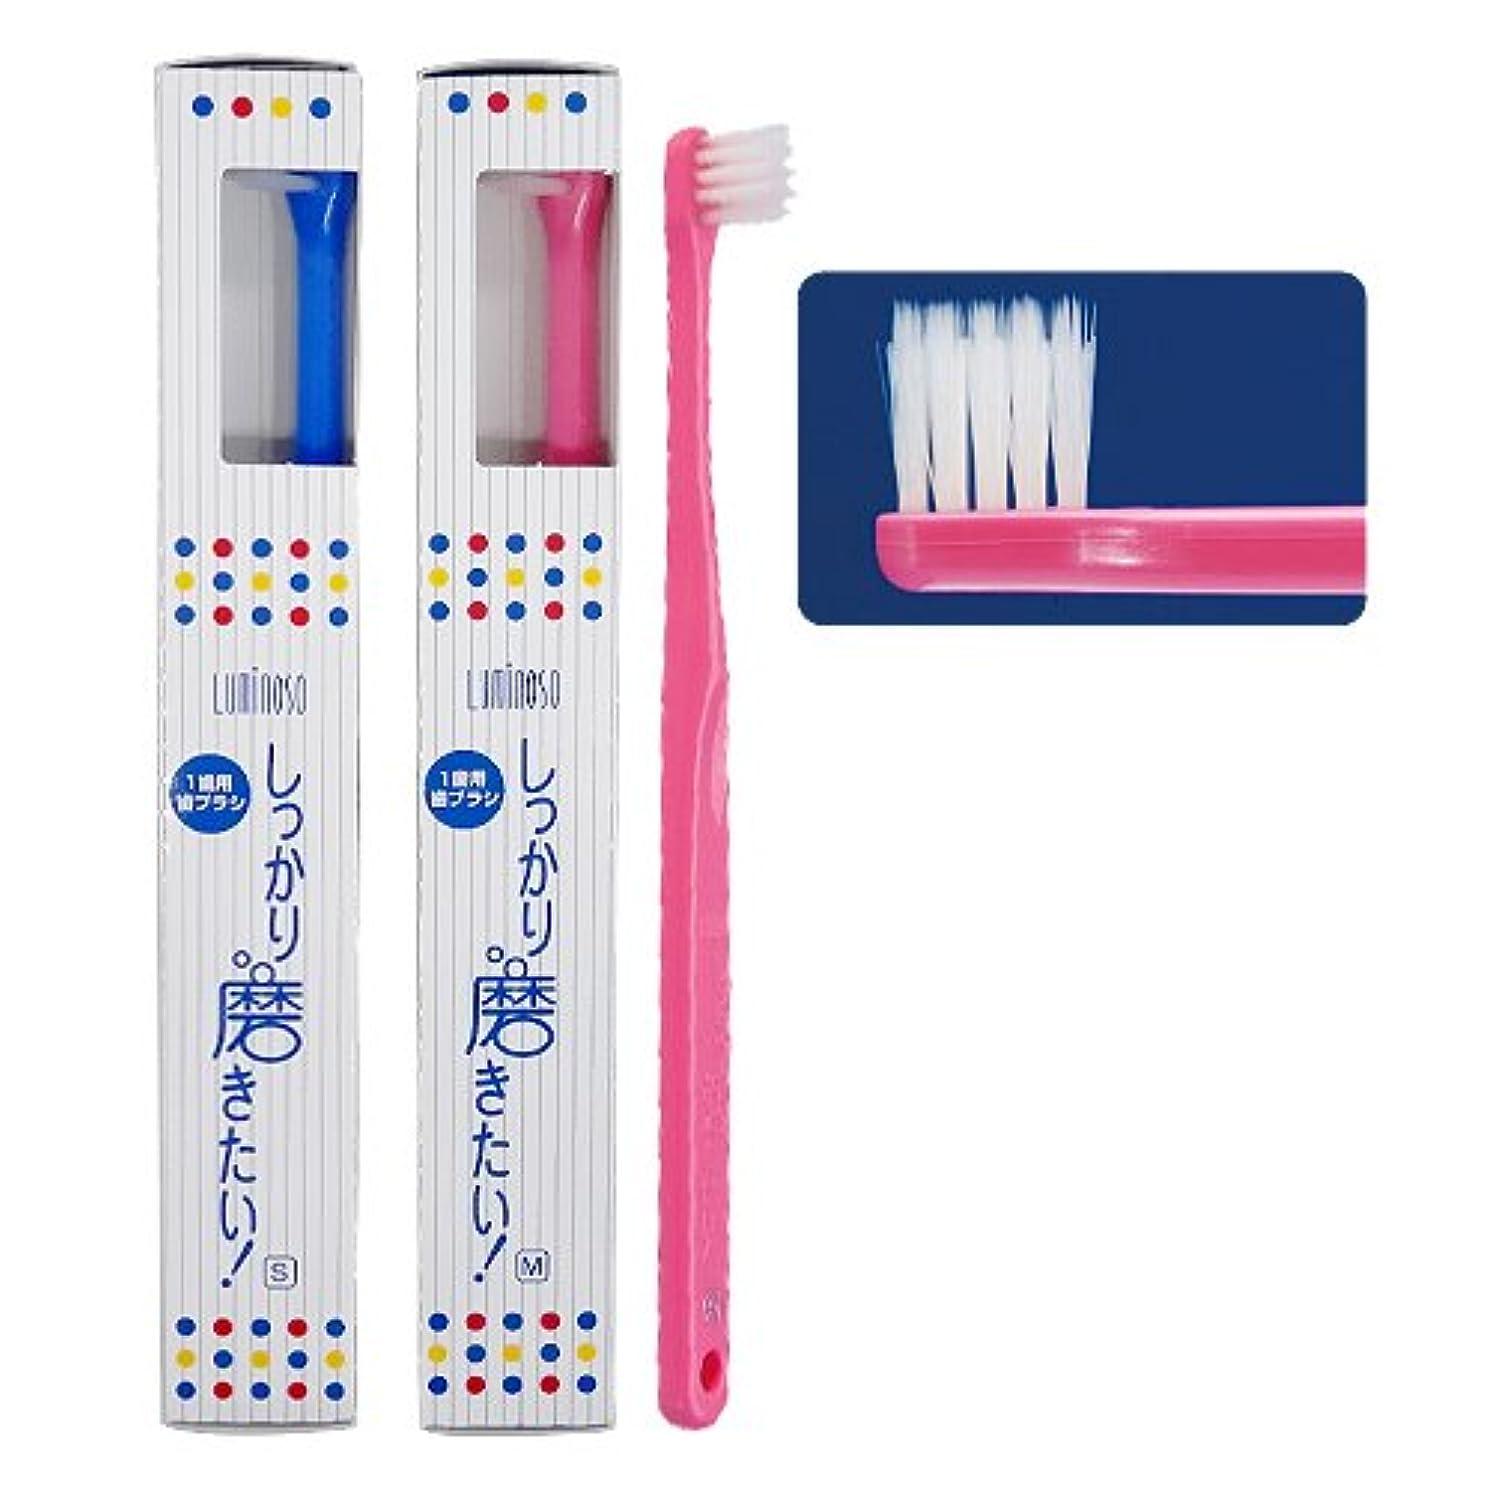 デイジーやむを得ないクラウドルミノソ 1歯用歯ブラシ「しっかり磨きたい!」スタンダード ソフト